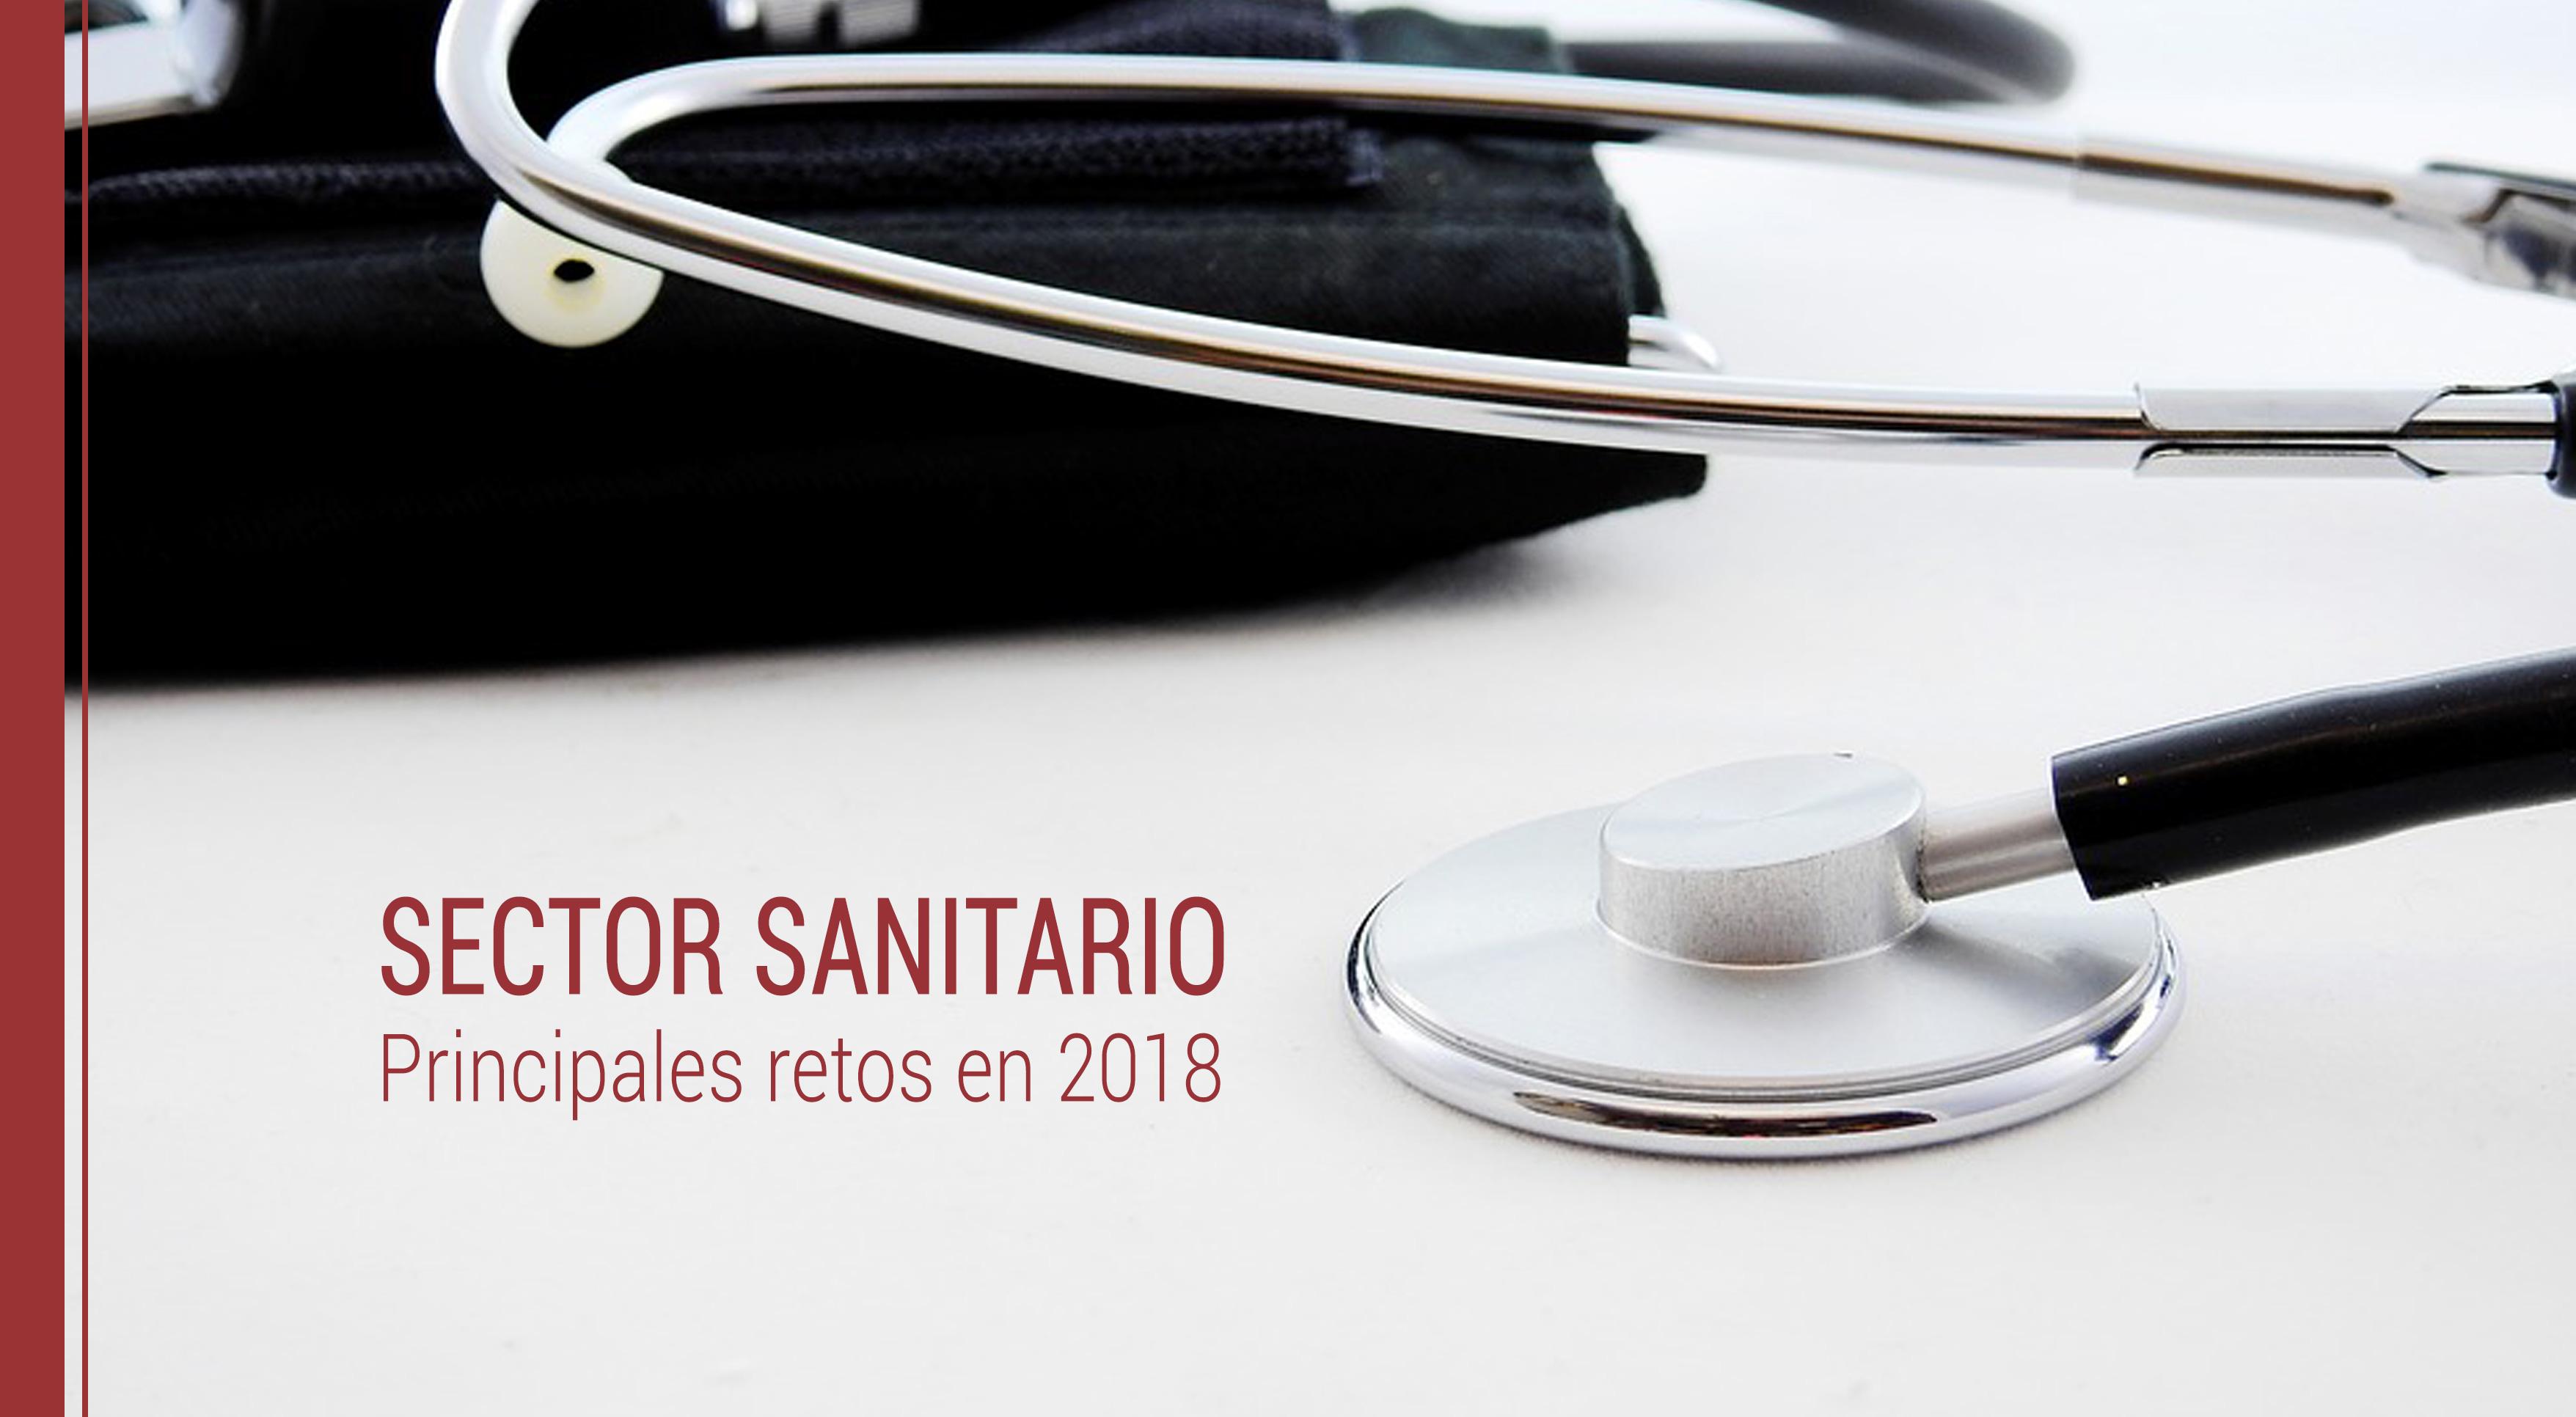 retos-sector-sanitario-2018 Principales retos del sector sanitario en 2018